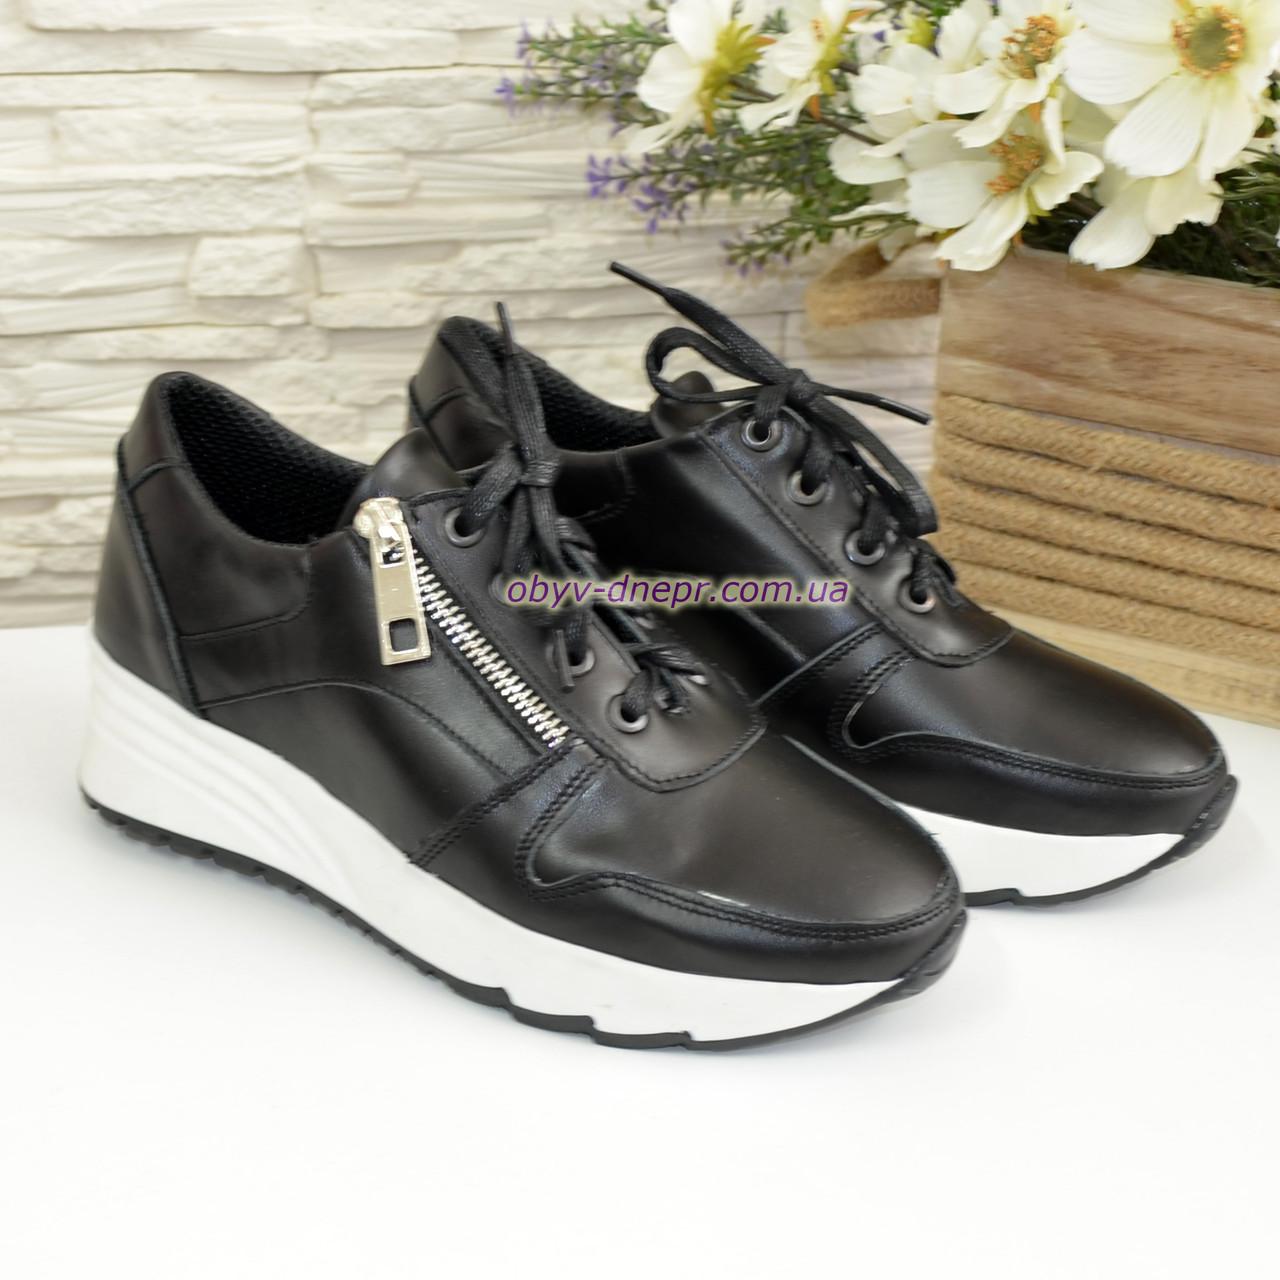 Женские кроссовки на шнуровке, натуральная черная кожа